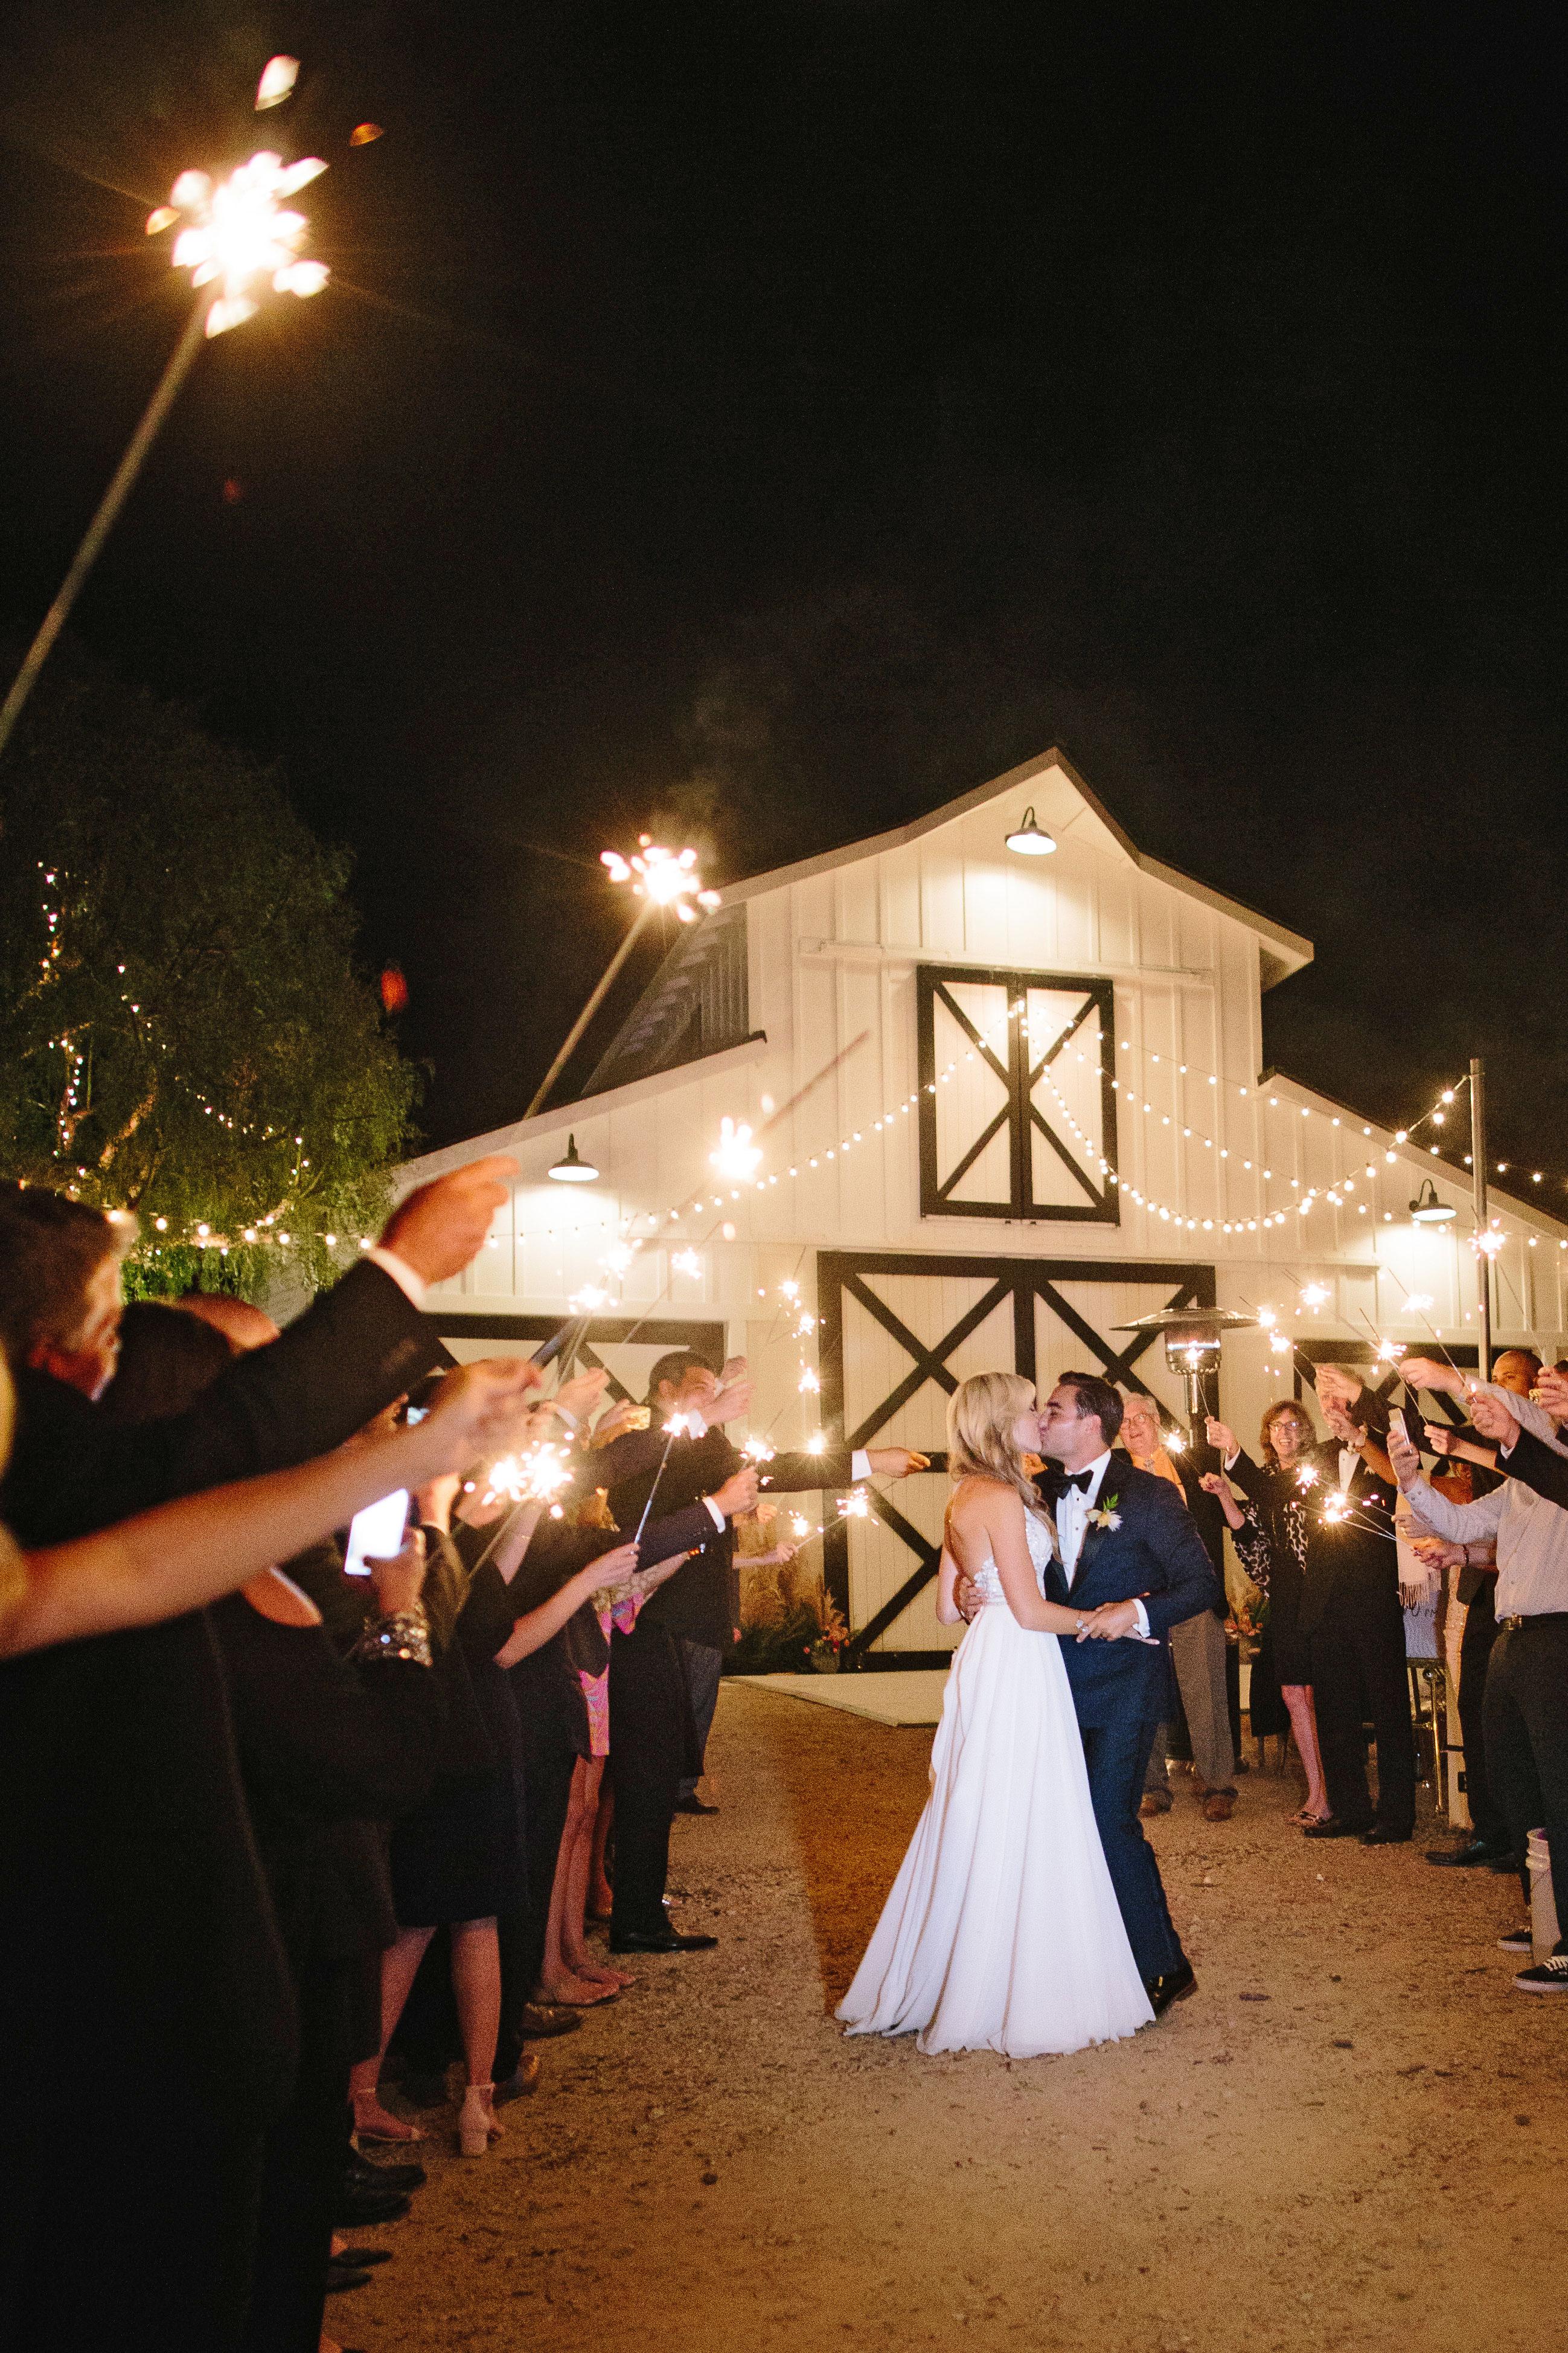 stephanie jared wedding sparklers